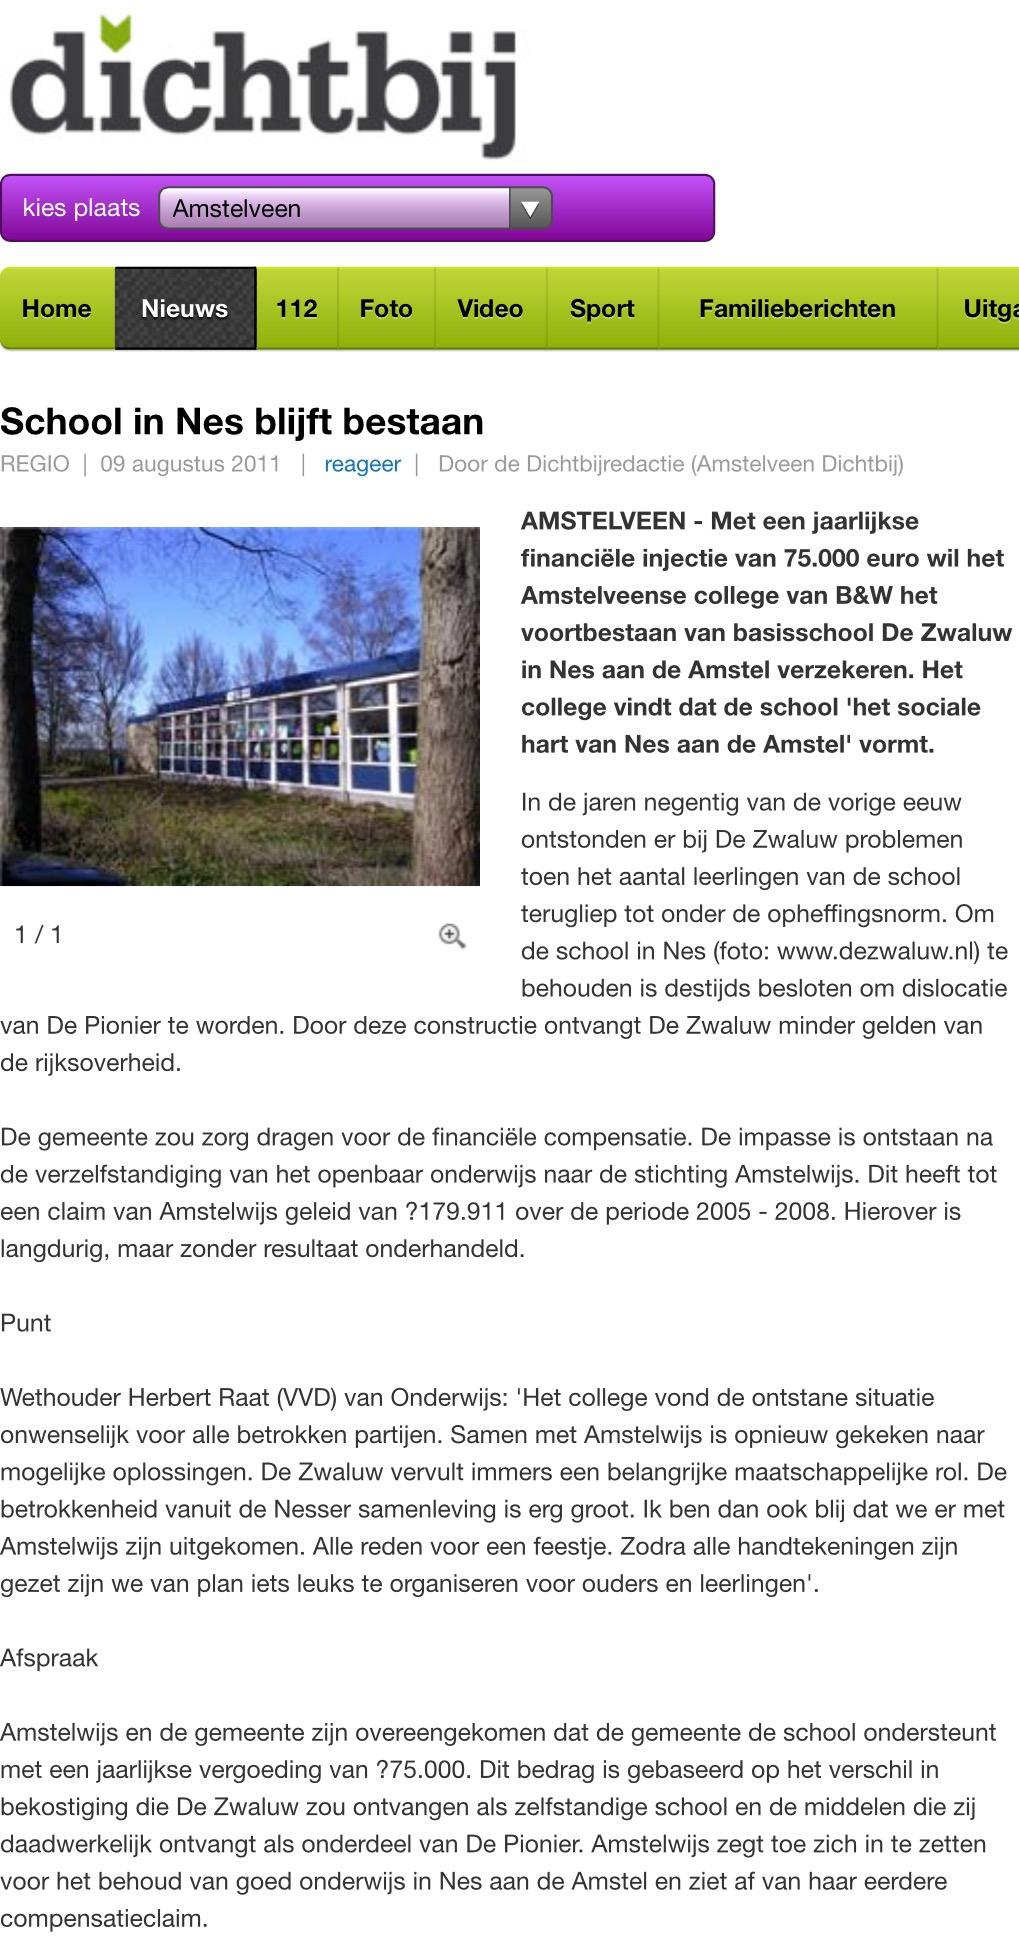 2011-9-12 AmstelveenDichtbij: Herbert Raat over steun voor Basisschool De Zwaluw in Nes aan de Amstel